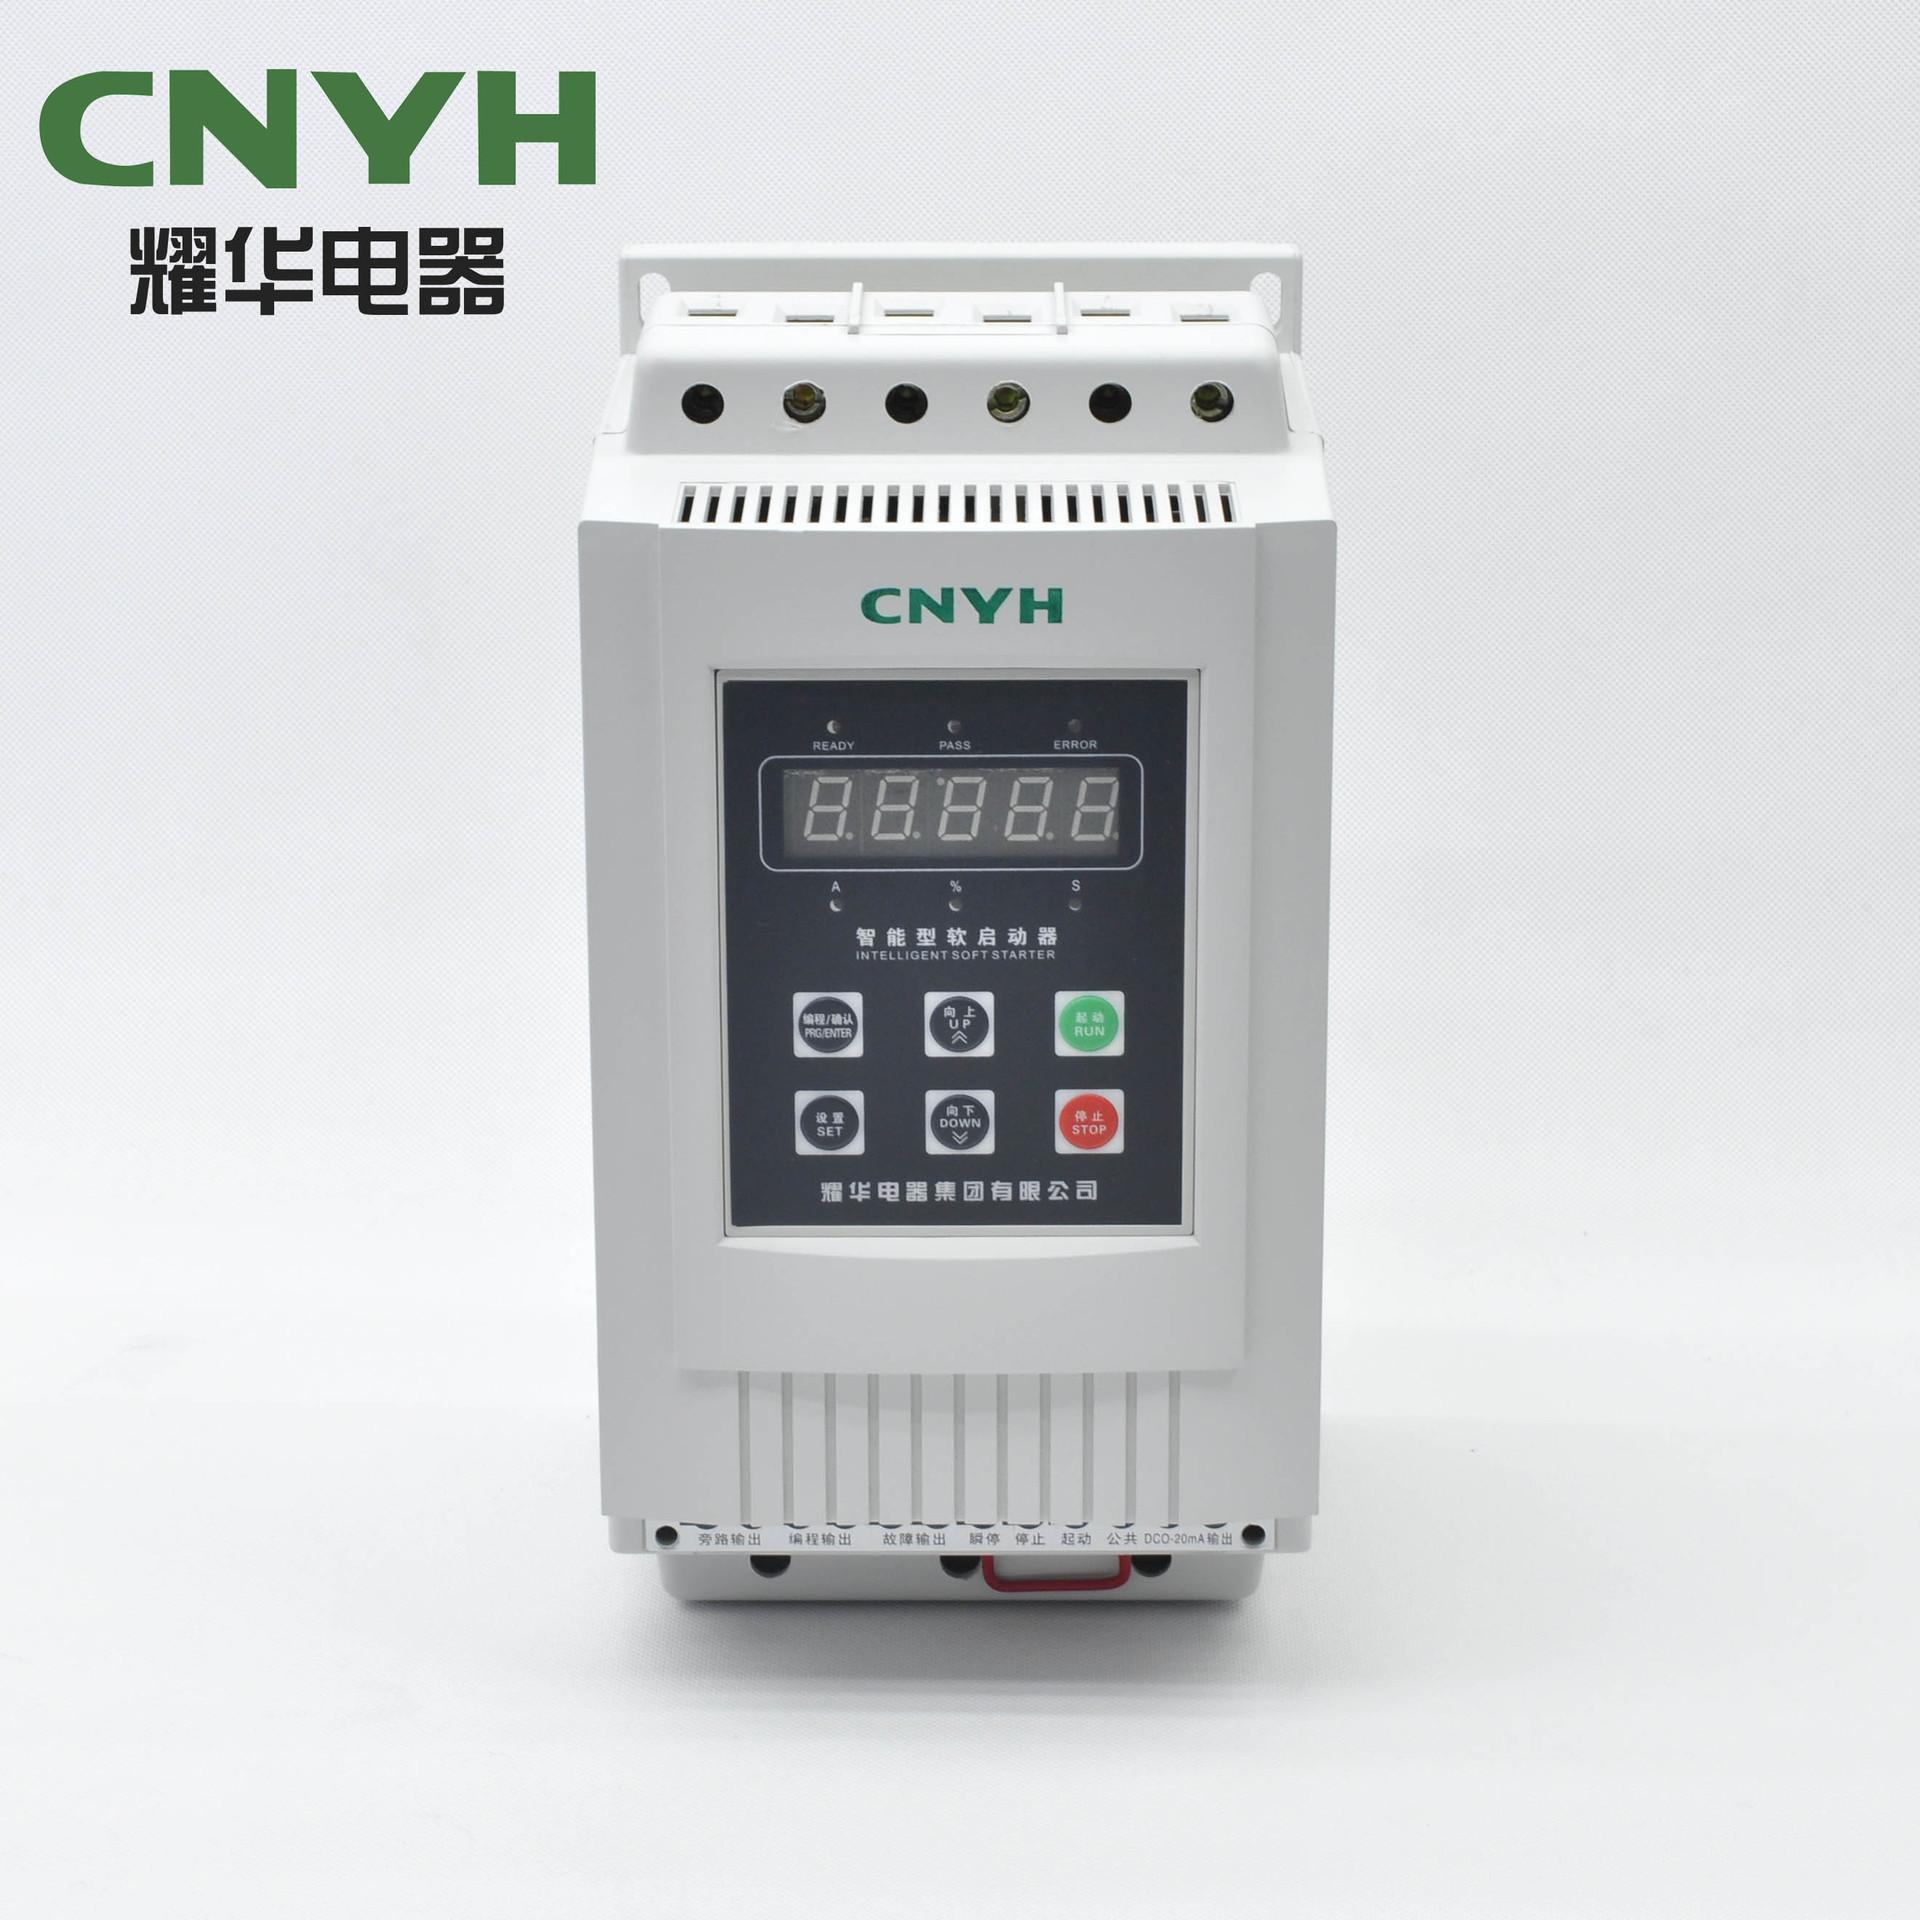 CNYH Bộ khởi động động cơ Yaohua Electric Group CNYH khởi động mềm YHR5 series 11kw 90KW nhà sản xuấ